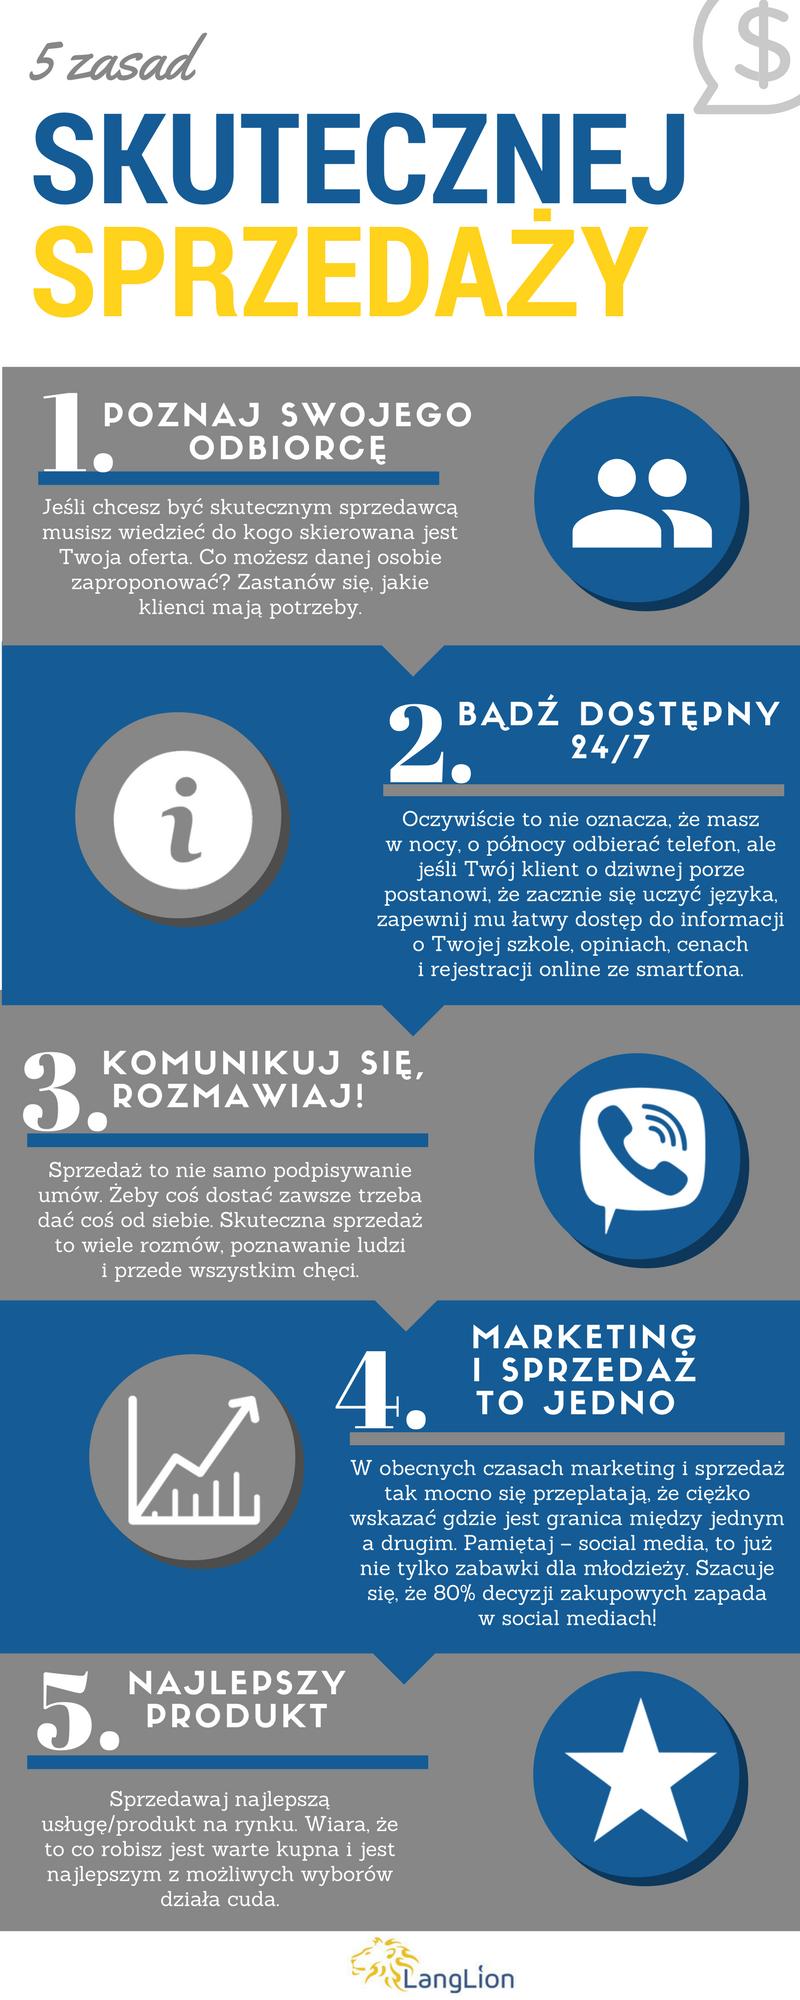 5-zasad-skutecznej-sprzedazy